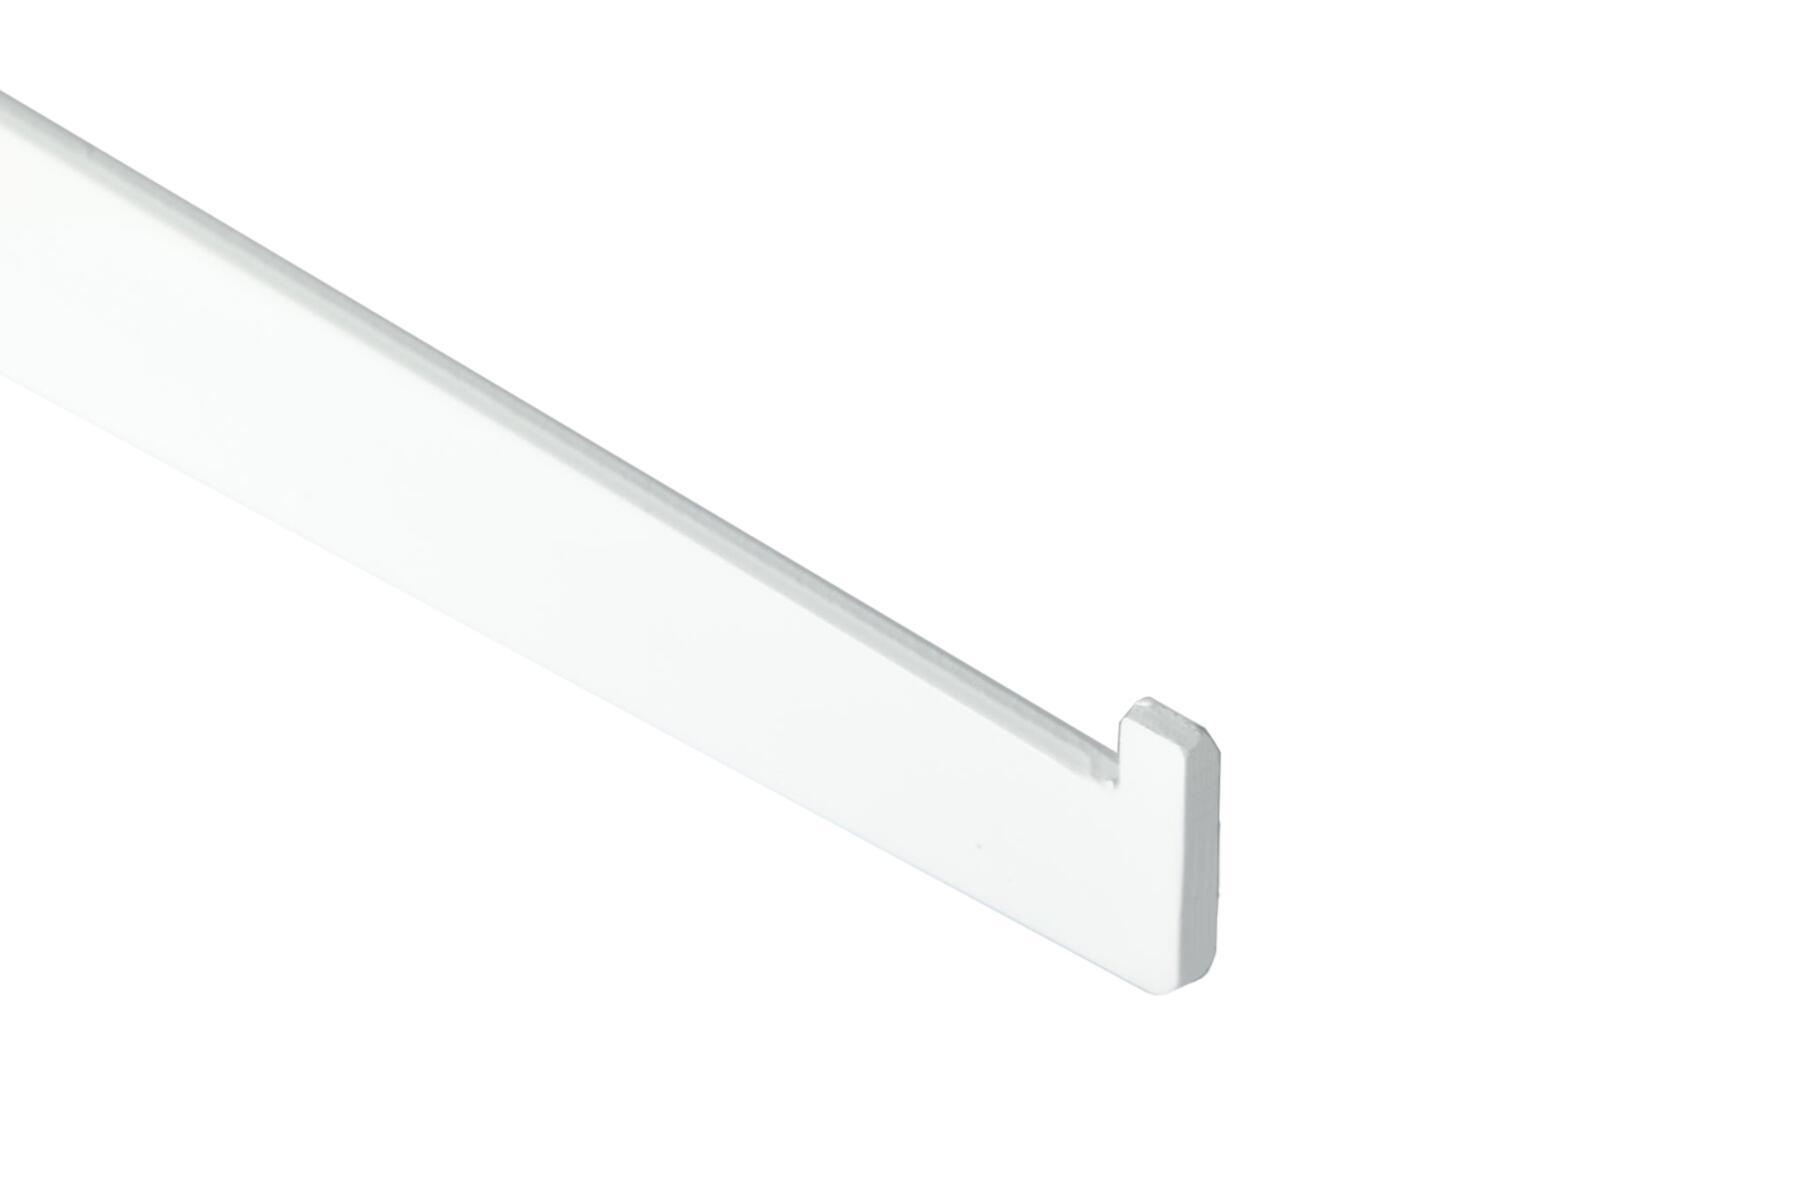 Supporto per cremagliera semplice Spaceo L 51.7 x H 12.0 x P 50.0 cm bianco - 3